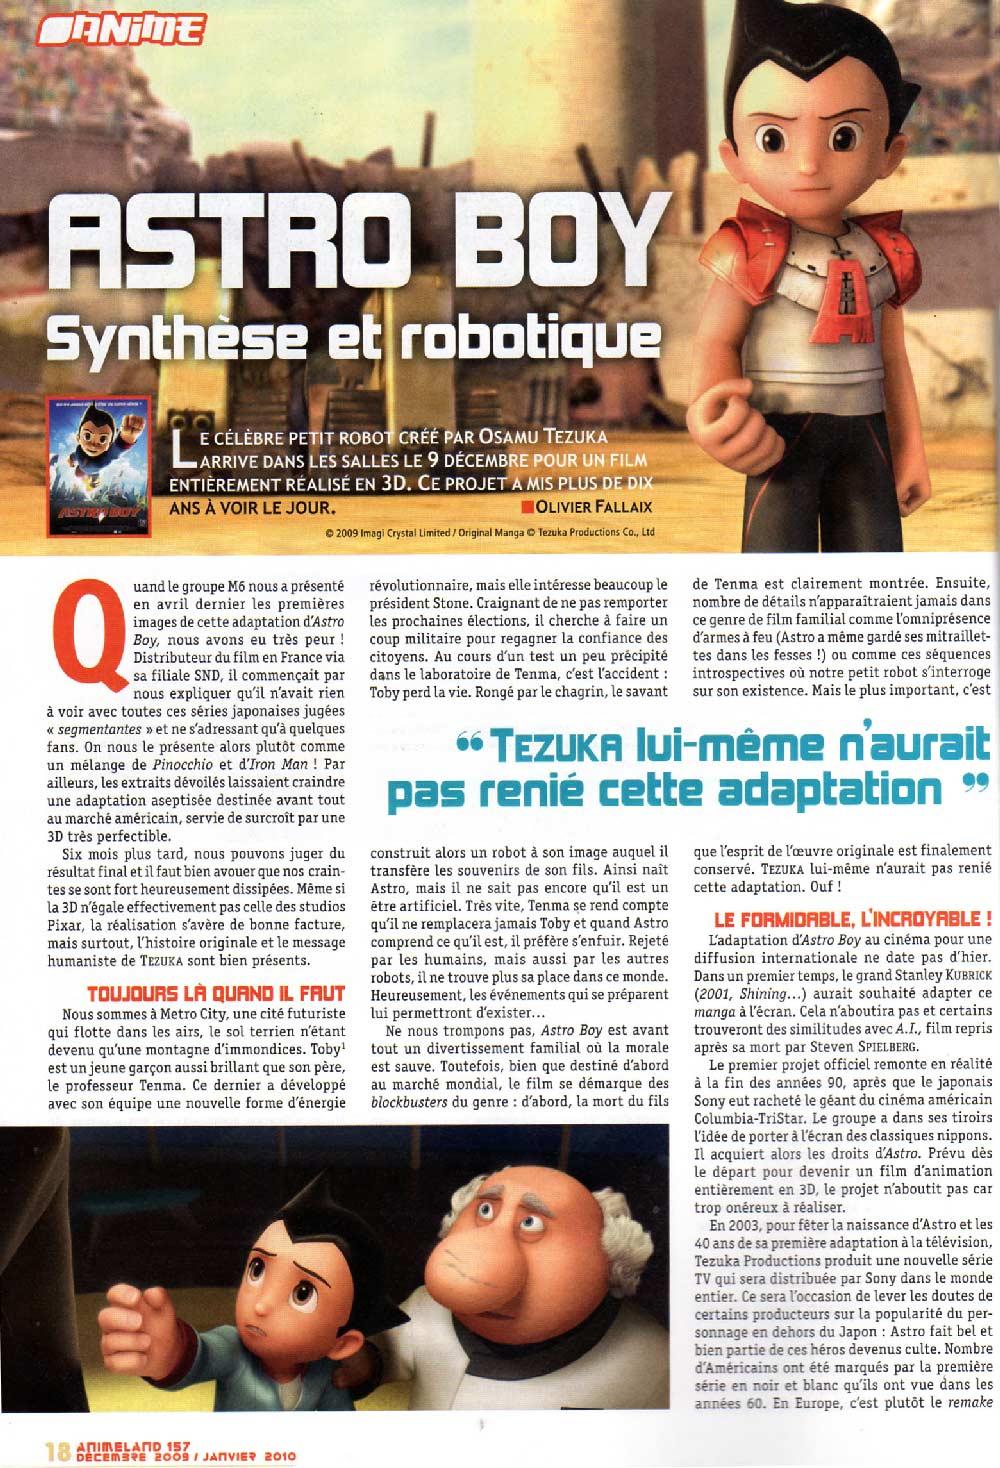 Animeland 157 page 18 Astro Boy